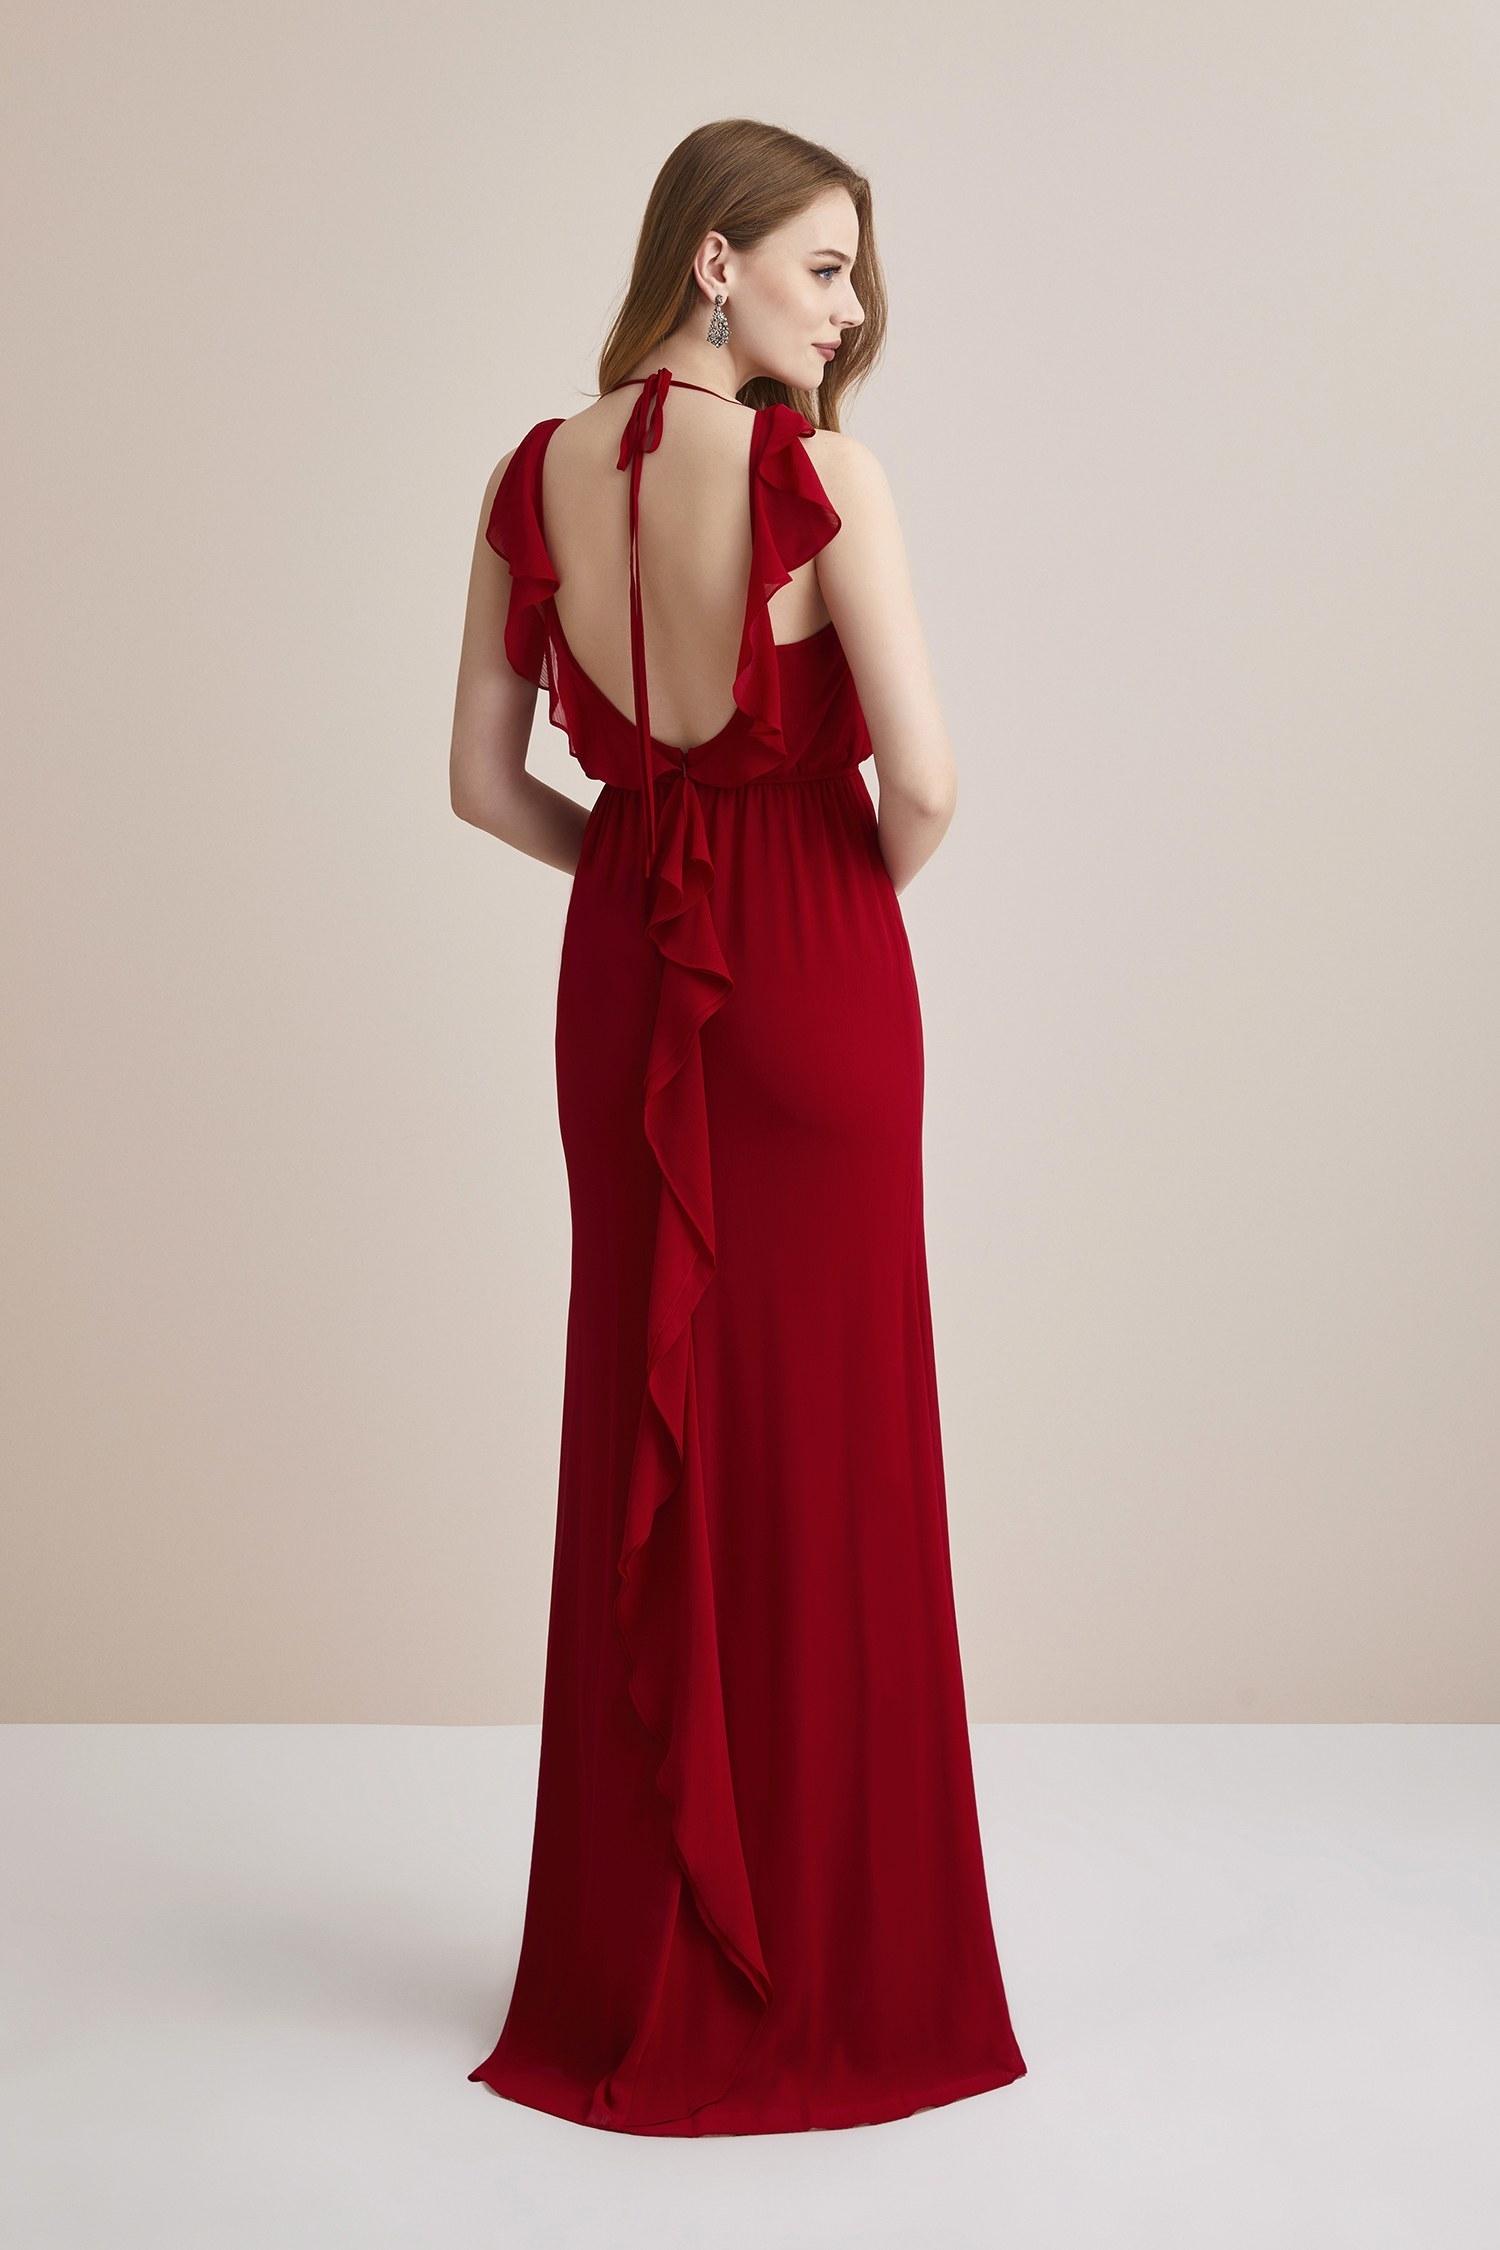 Koyu Kırmızı Sırtı Açık Şifon Uzun Abiye Elbise - Thumbnail